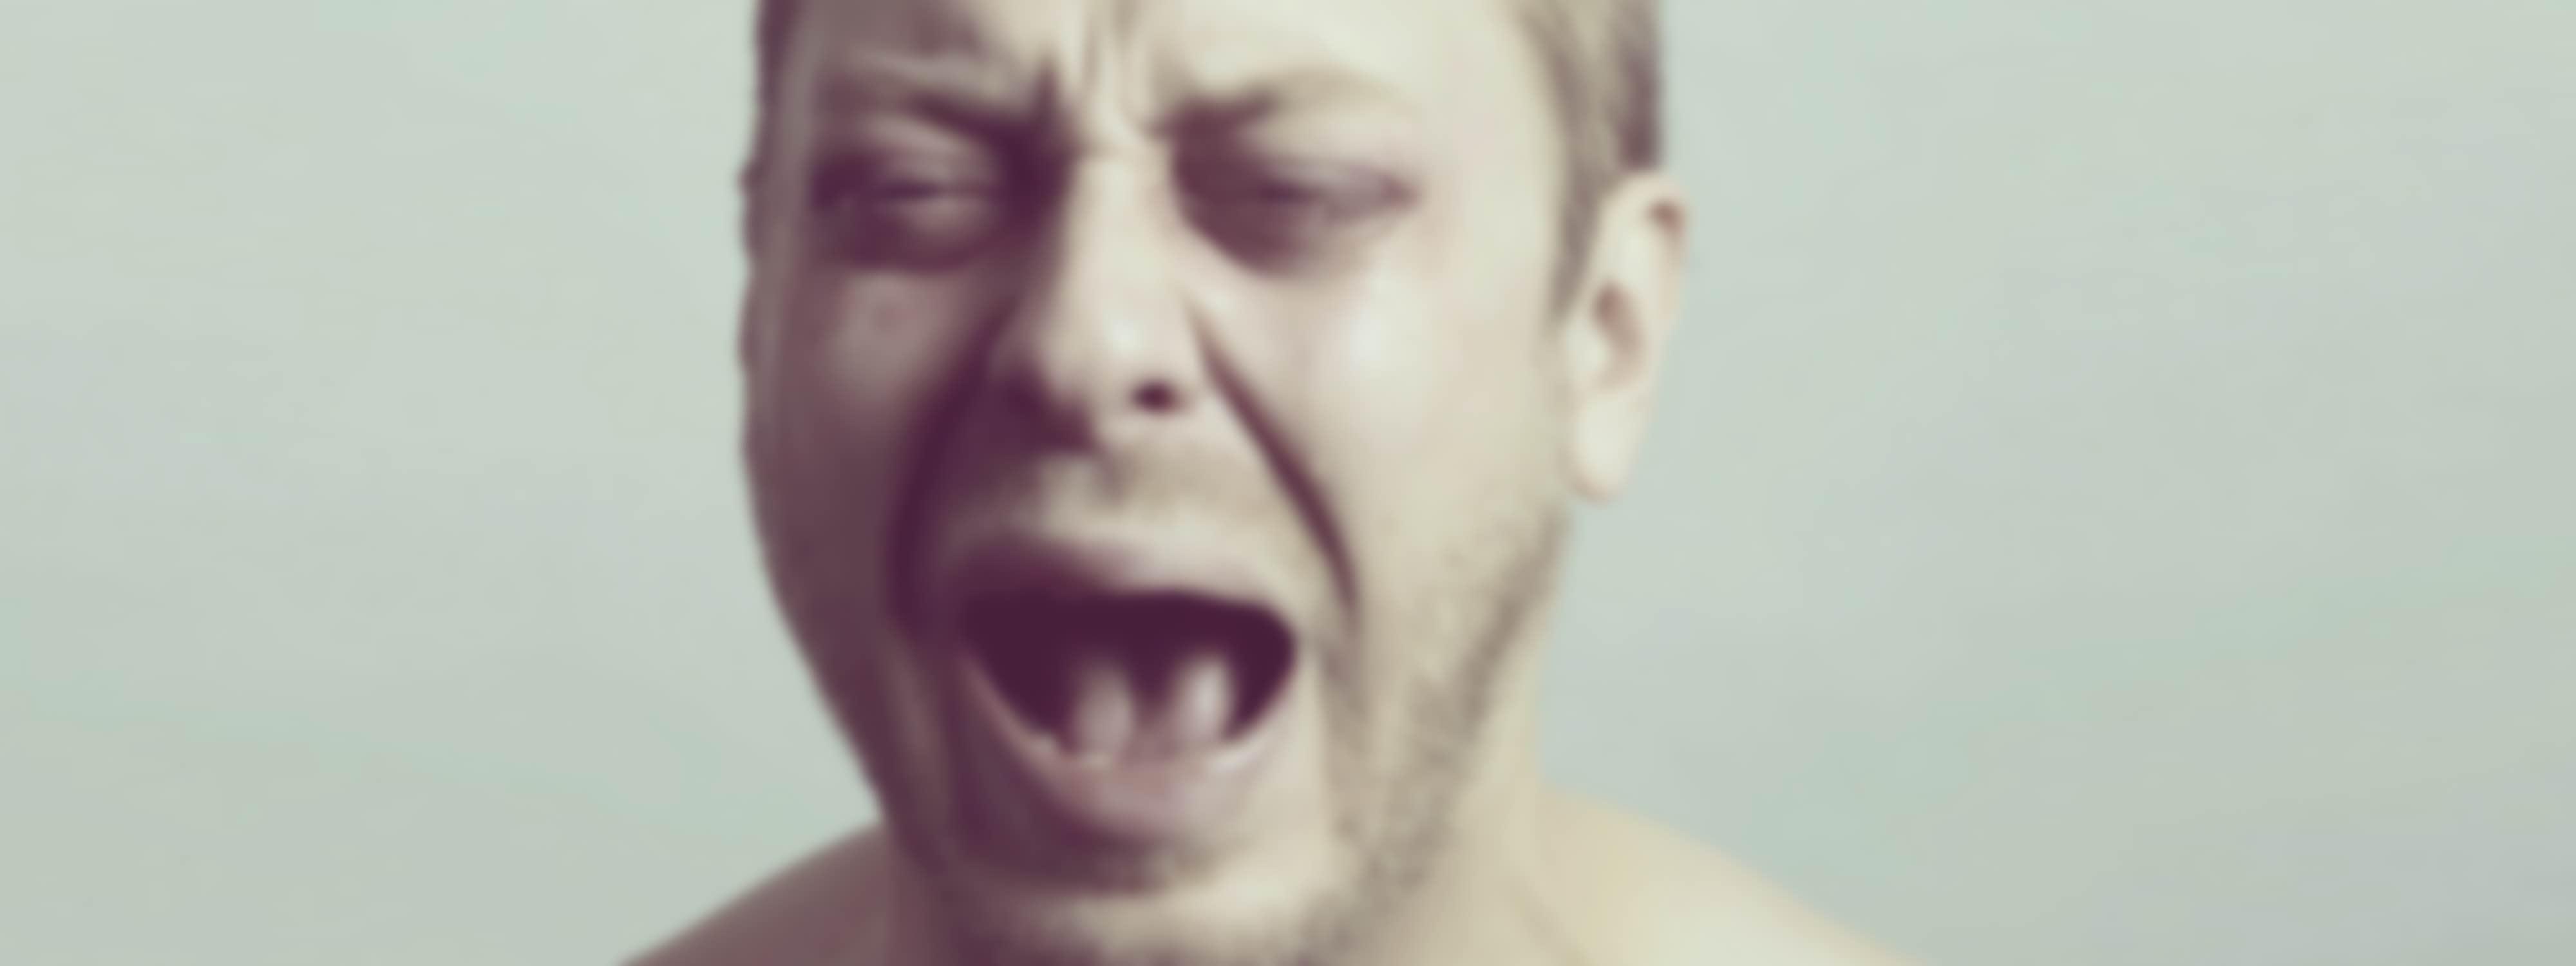 Kurzfilm: Life's a bitch